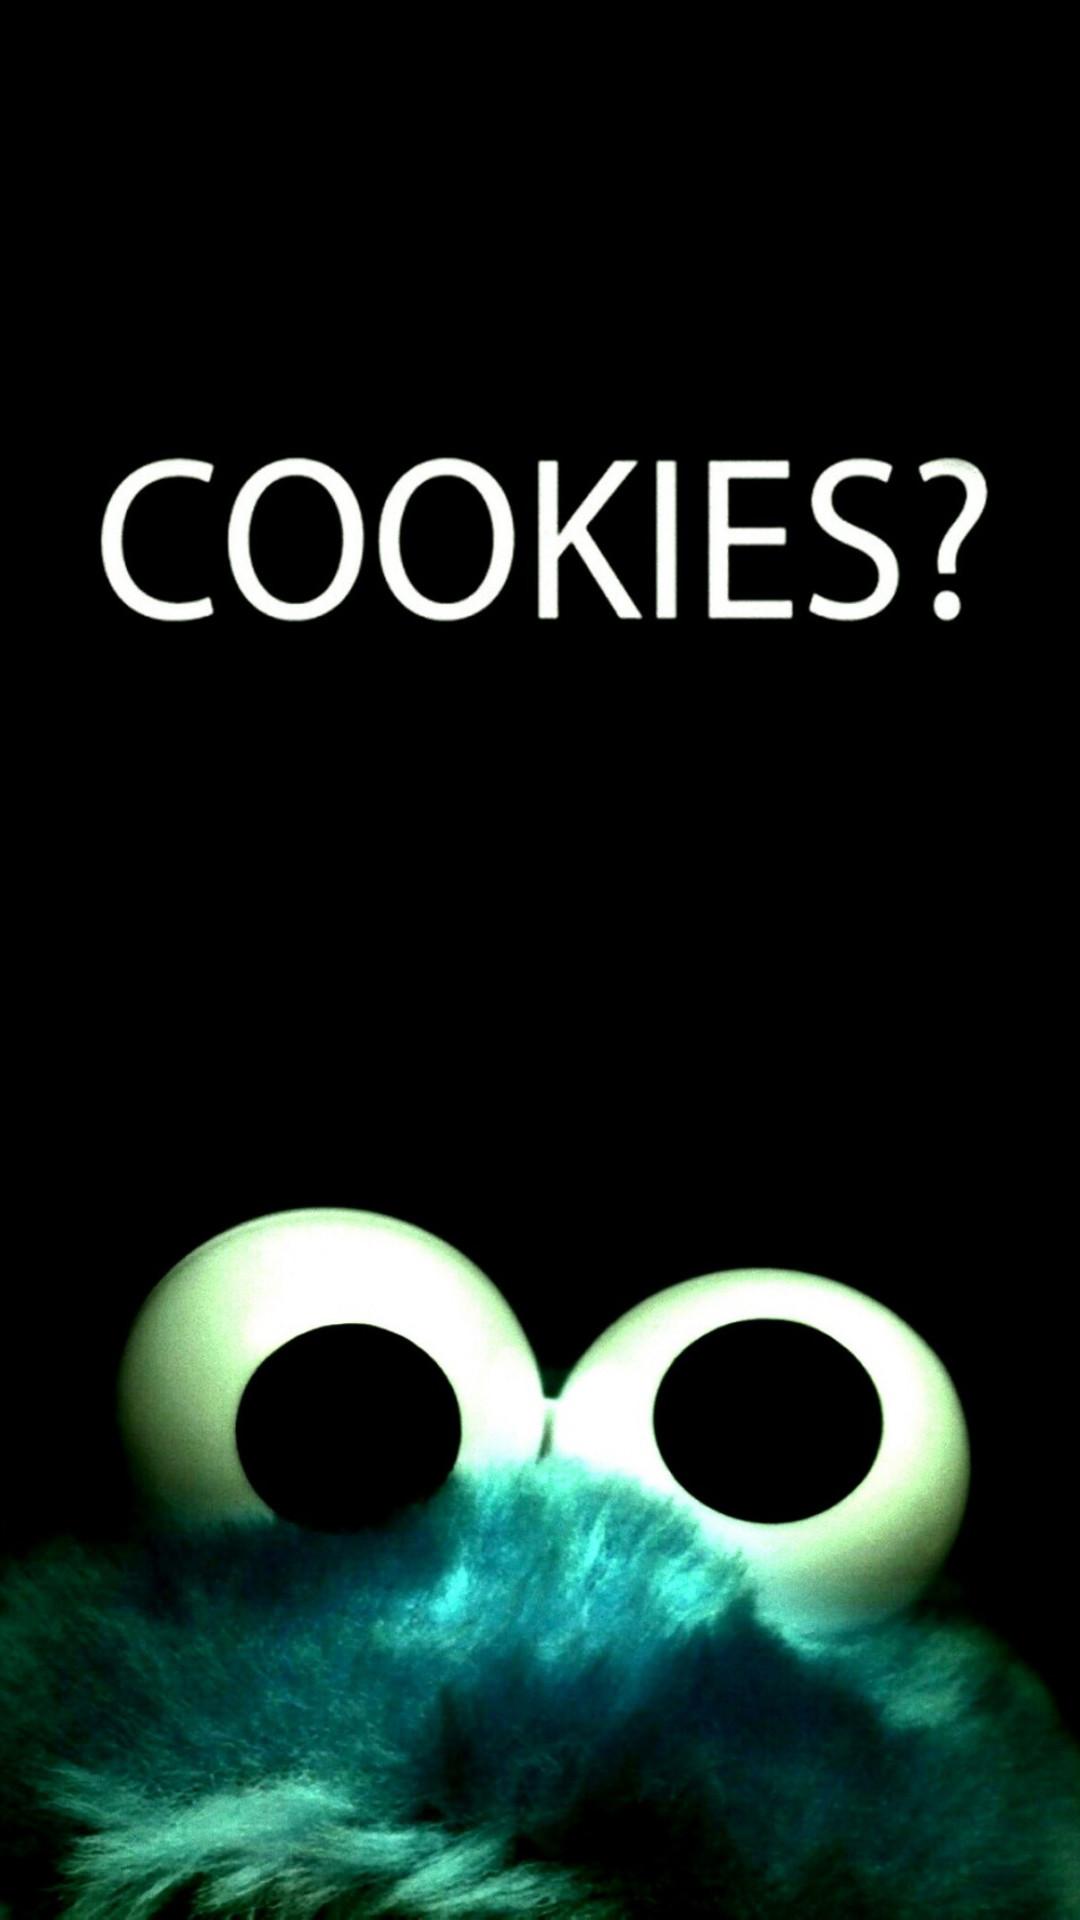 1080x1920 Cookies Cookie Monster IPhone 6 Plus HD Wallpaper